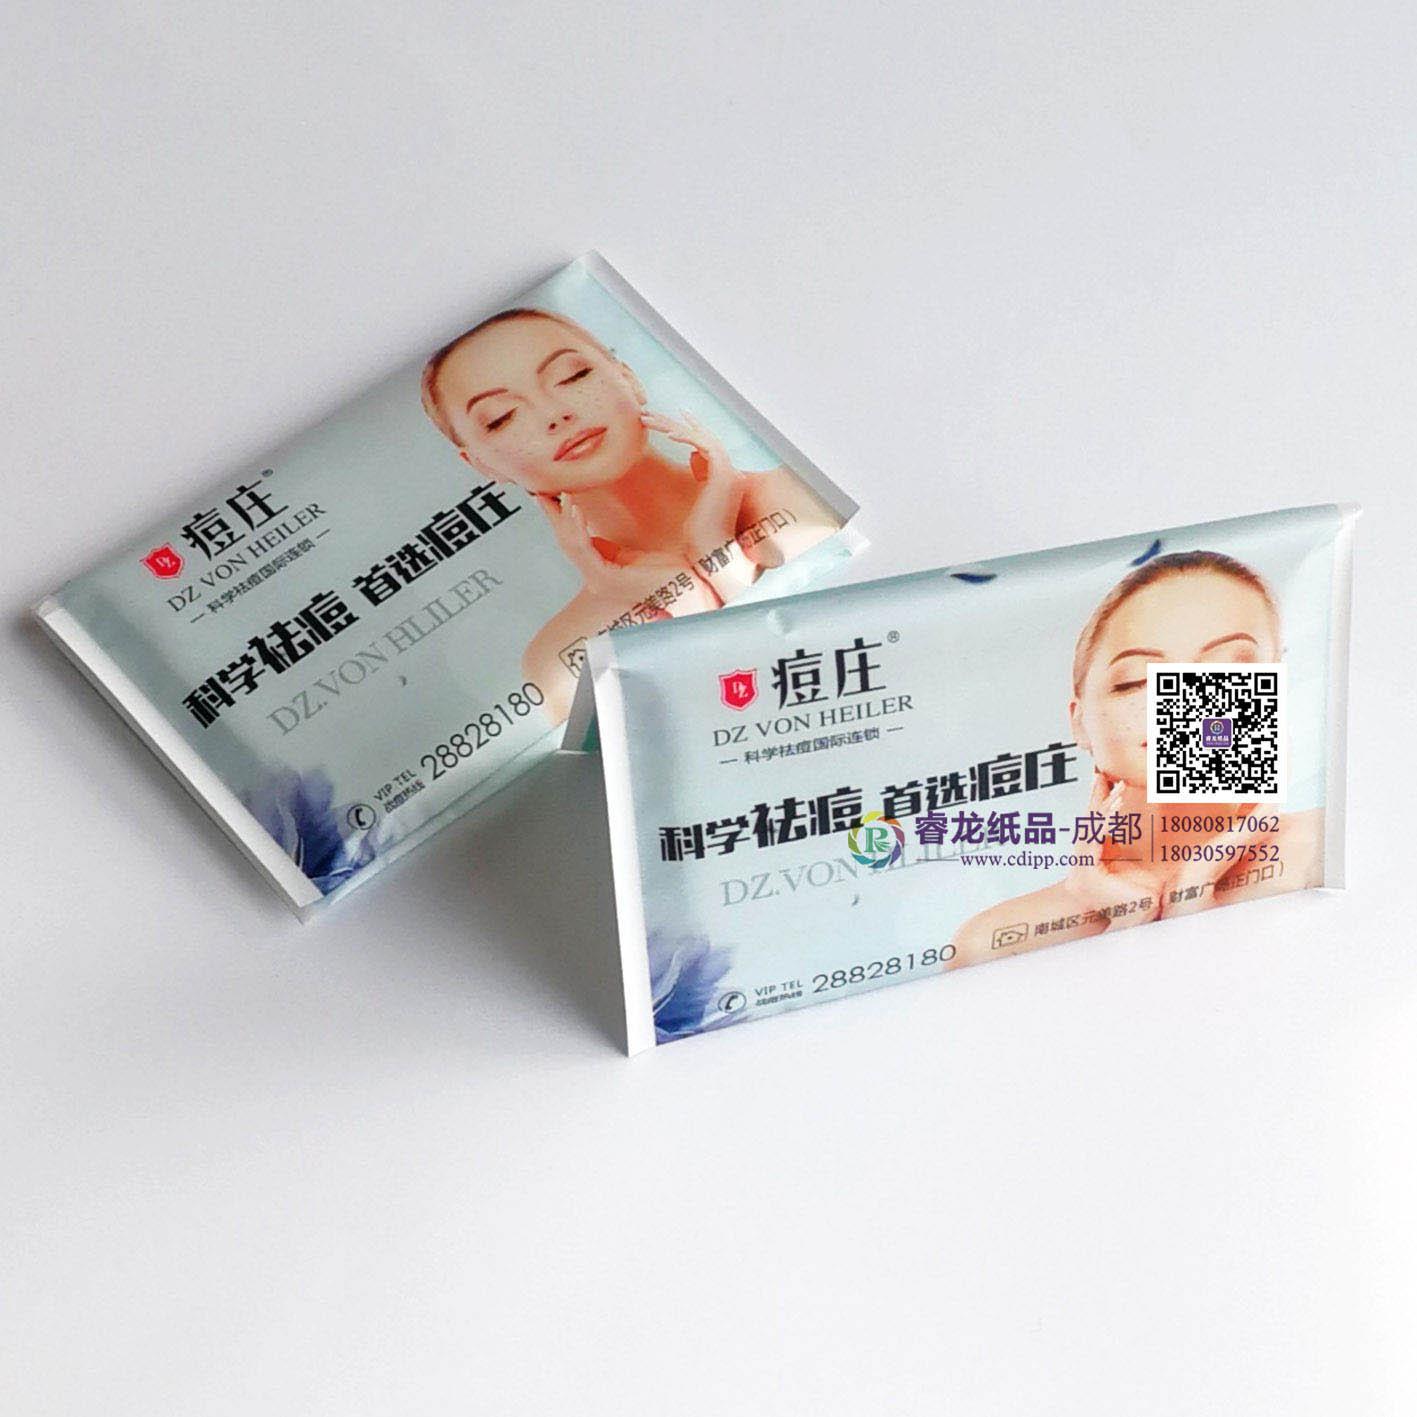 产品宣传促销小礼品纸巾☛成都睿龙纸品优惠的荷包纸巾定制【促】